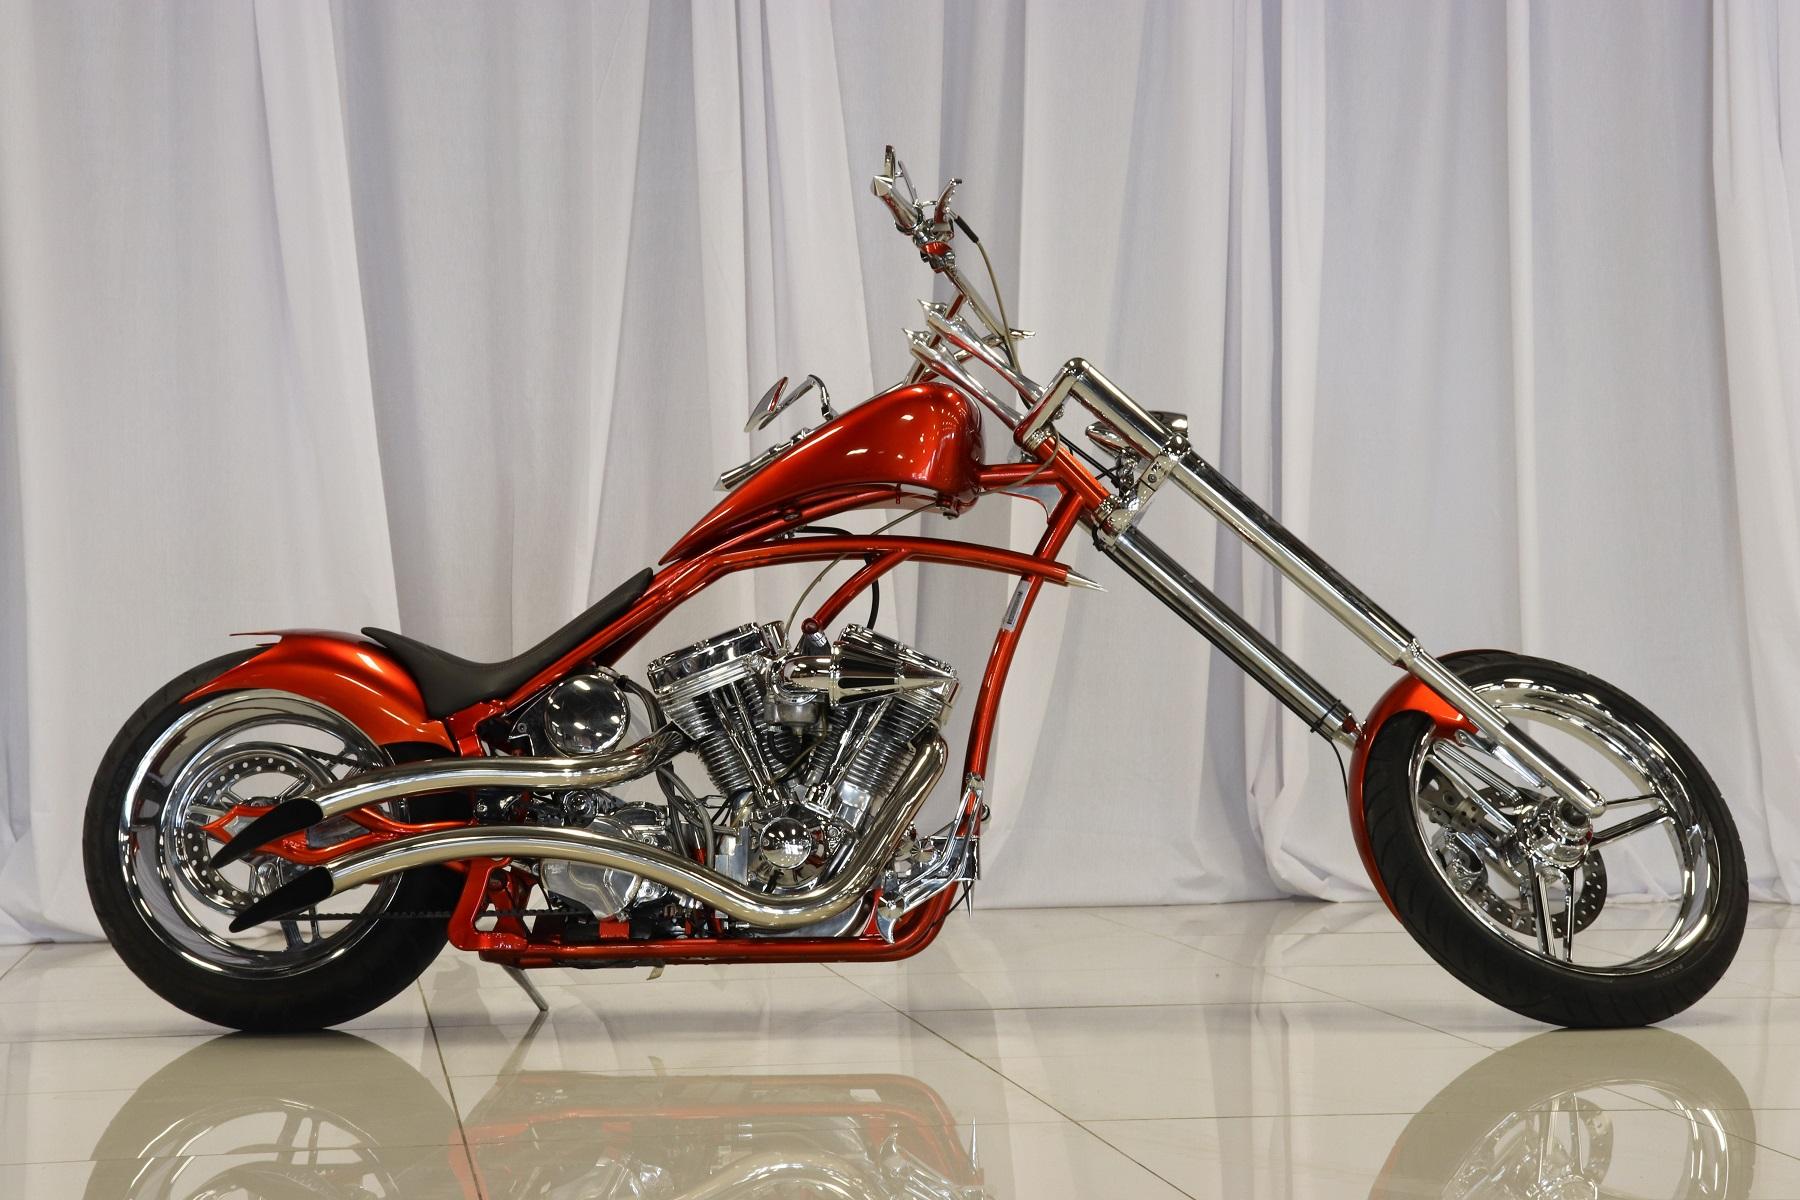 2010 harley davidson custom long bike creative rides. Black Bedroom Furniture Sets. Home Design Ideas